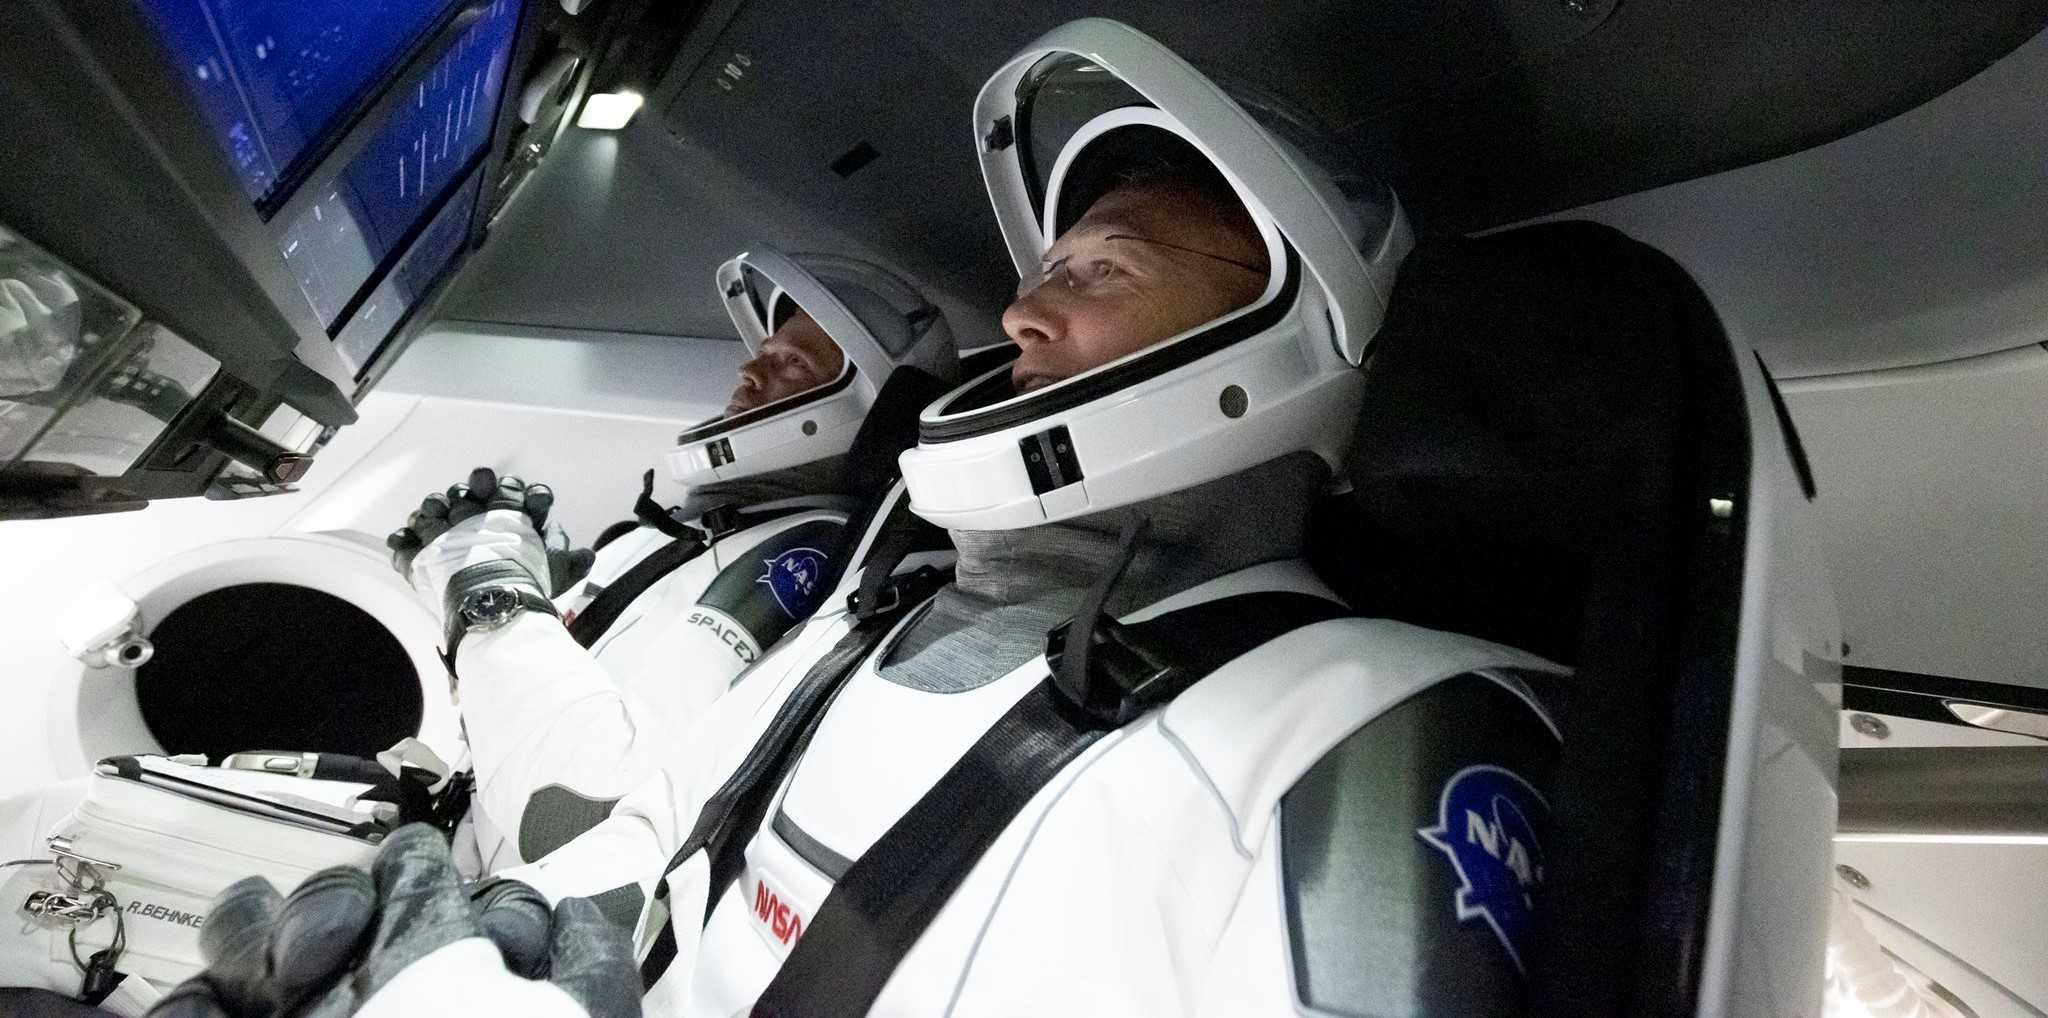 Crew Dragon Demo-2 Behnken Hurley 052720 (SpaceX) ingress 4 crop (c)